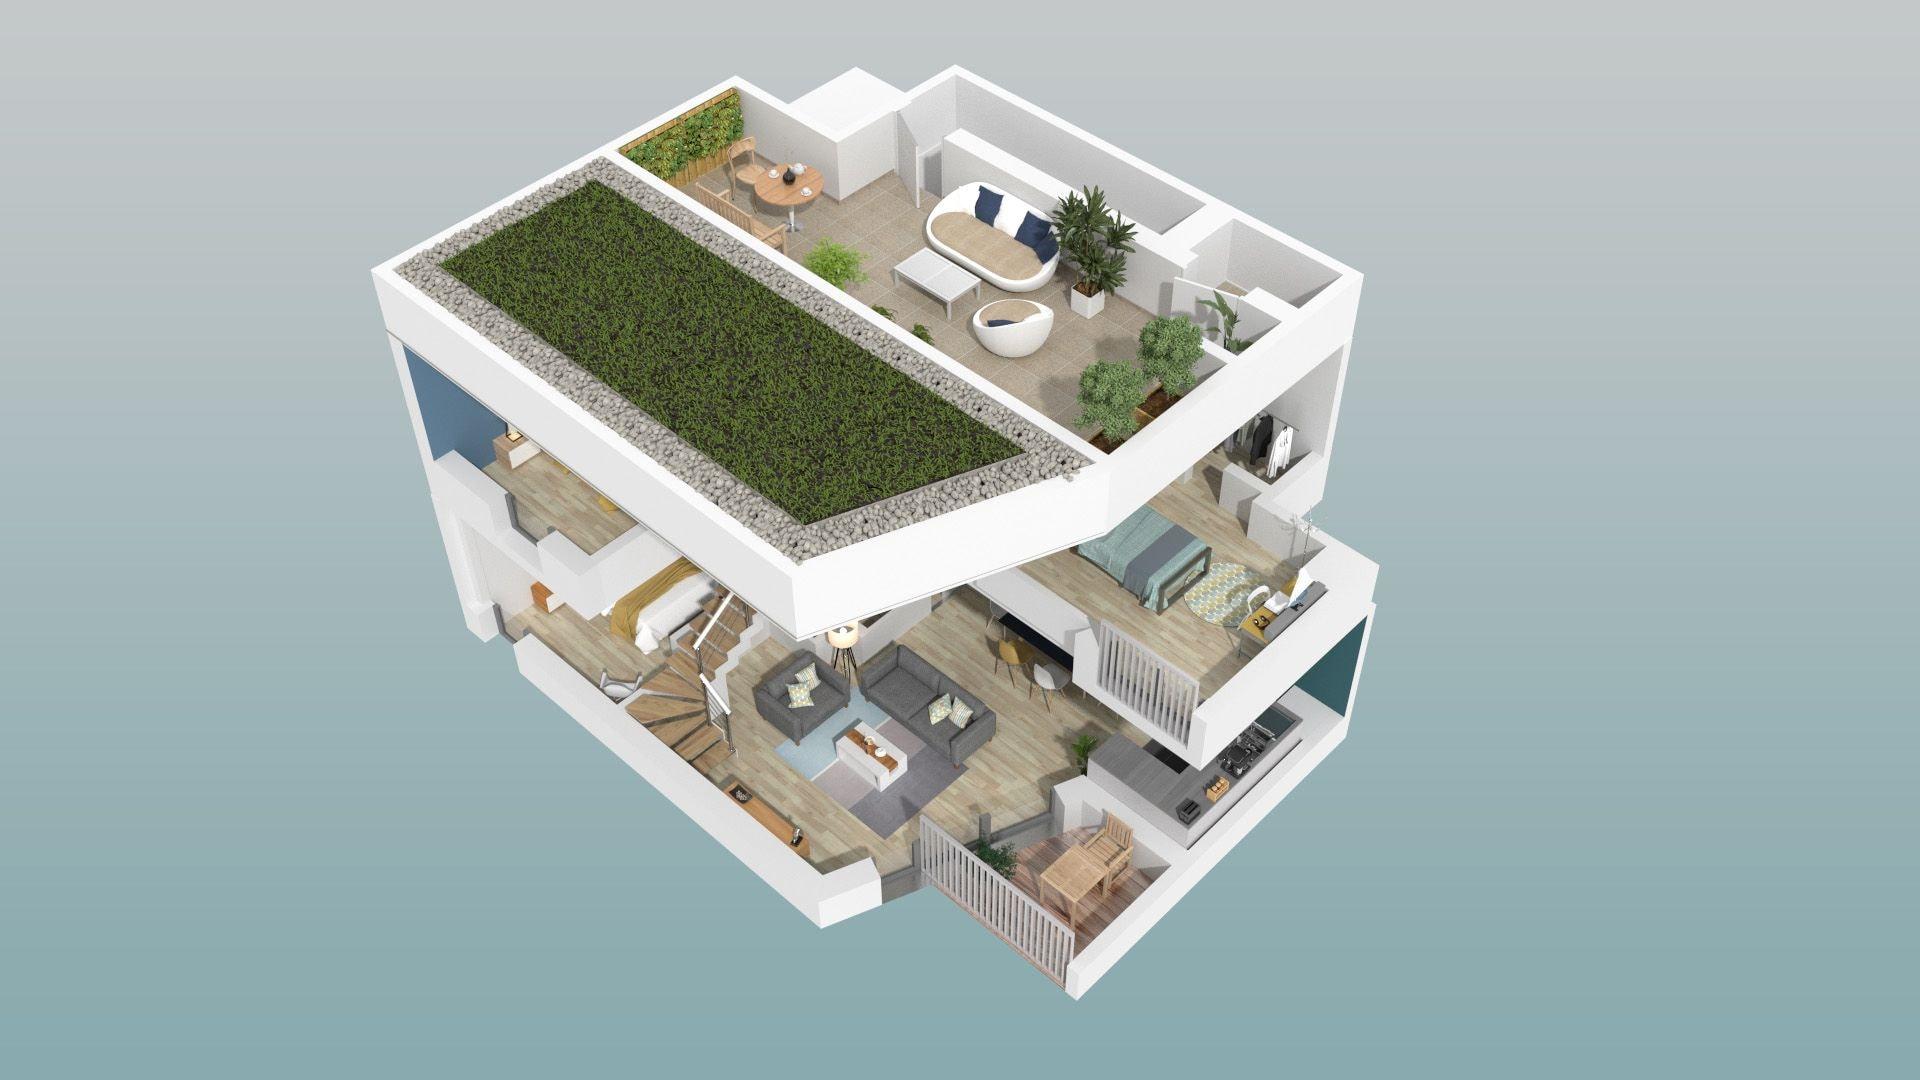 Plan 3d terasse dun appartement 4 pièces duplex du programme de la résidence absolu